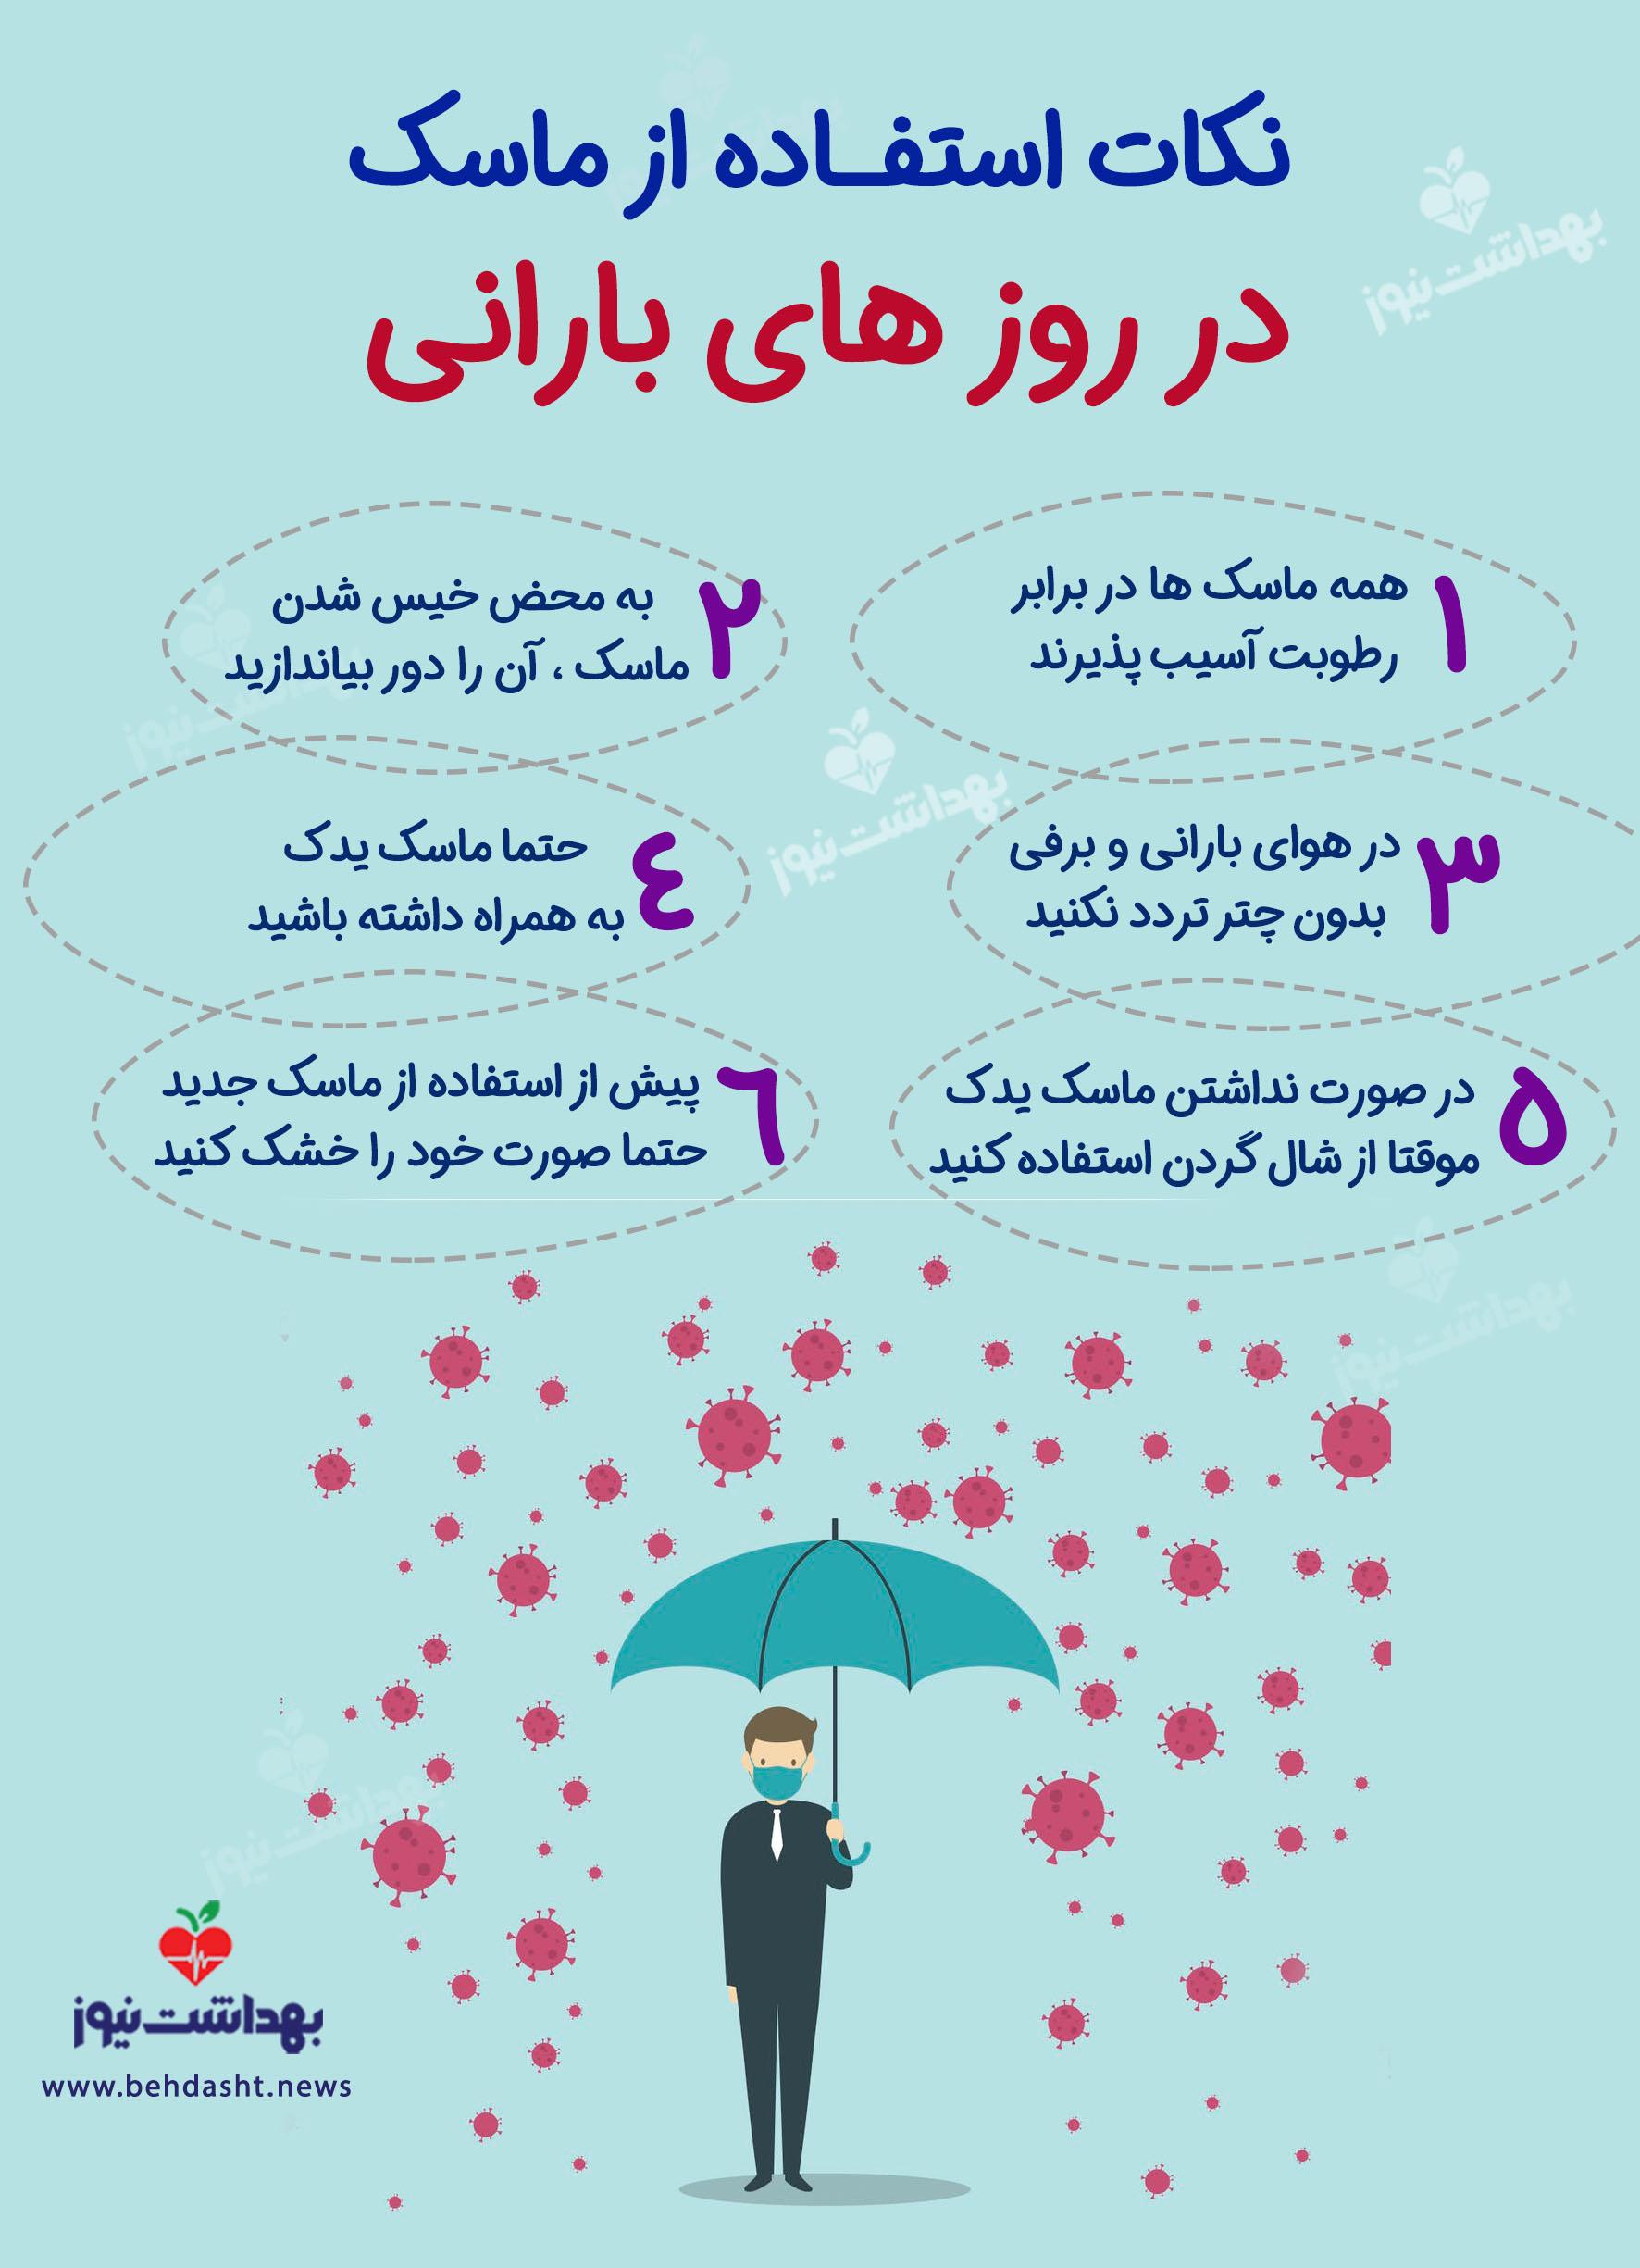 30 - نکات استفـاده از ماسک در روز های بارانی |اختصاصی